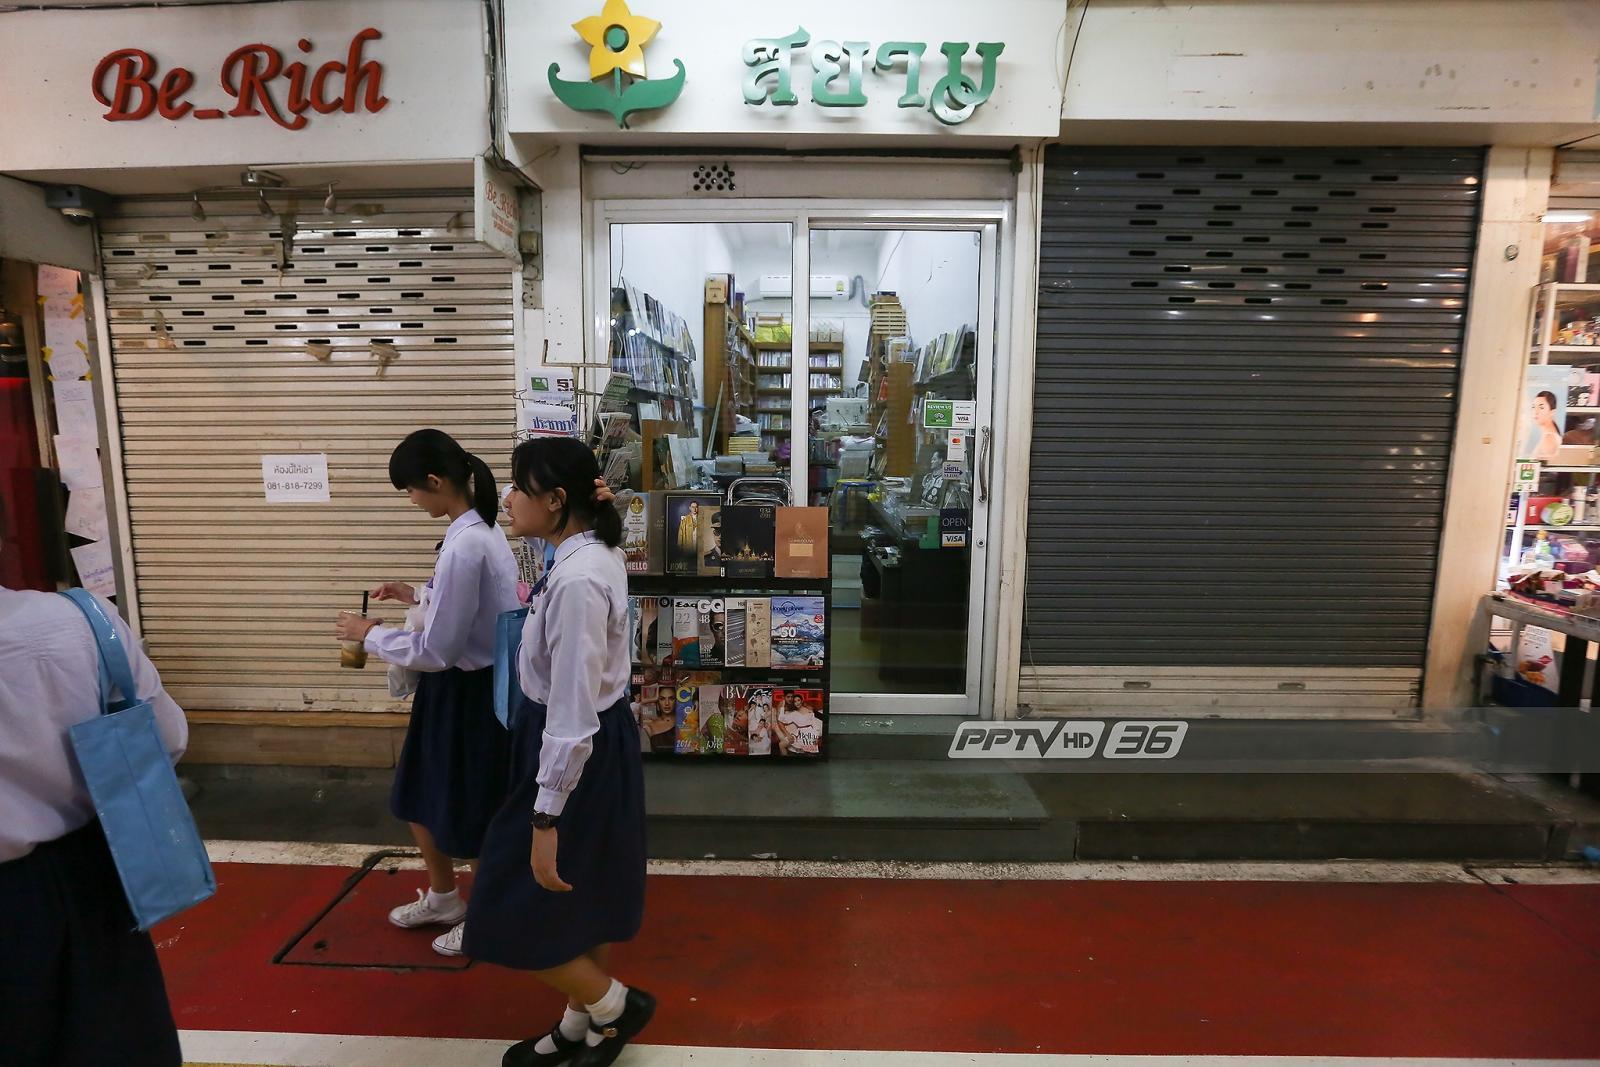 """สู้ค่าเช่าไม่ไหว! ร้านหนังสือ """"ดอกหญ้า"""" สาขาสยามฯ หมดสัญญาเช่าสิ้นเดือน ธ.ค.นี้"""